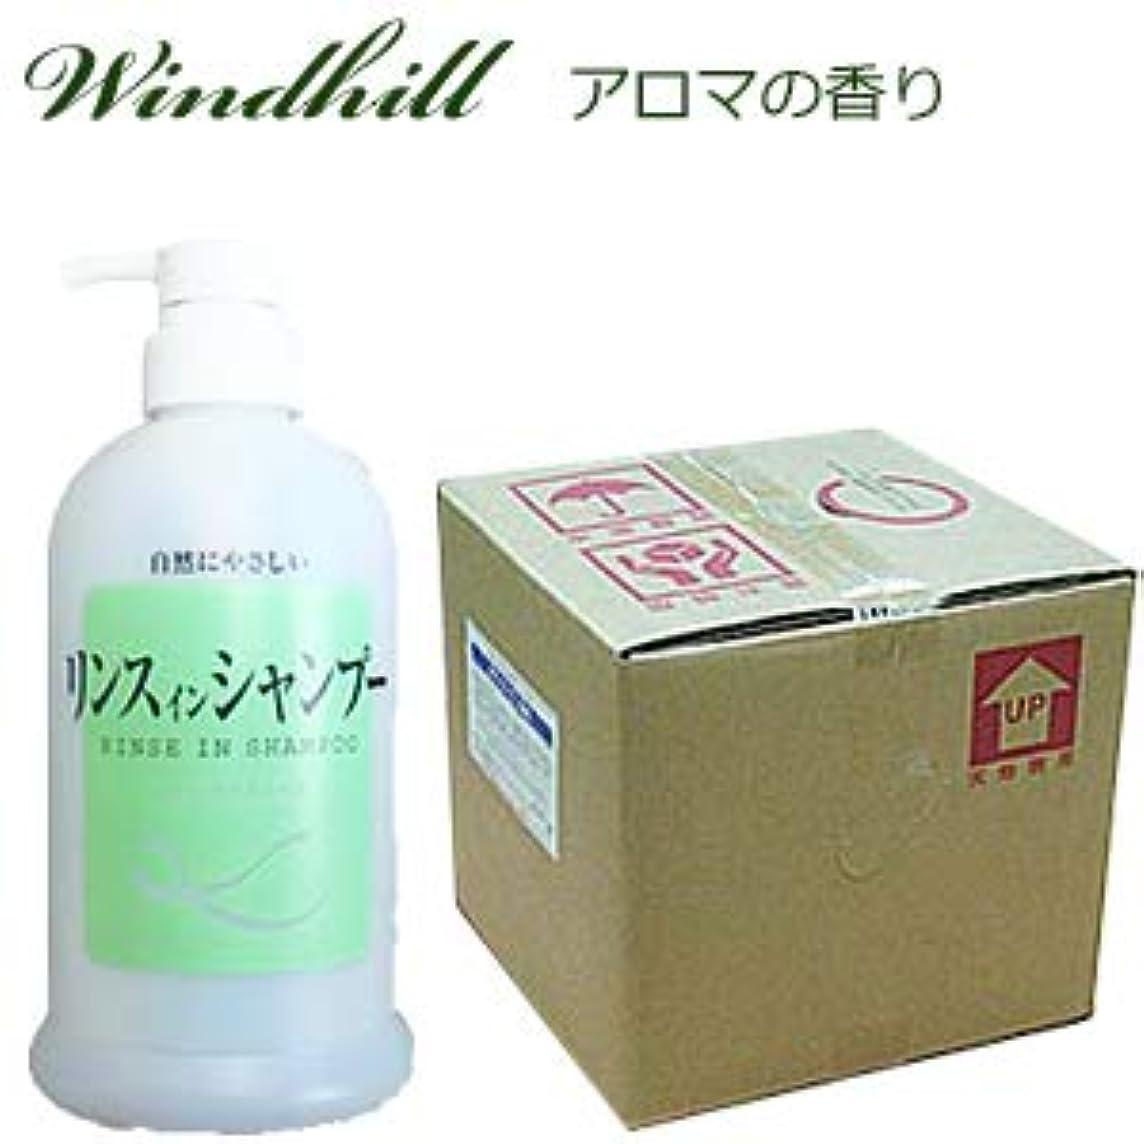 円周犬残り物なんと! 500ml当り188円 Windhill 植物性業務用 リンスインシャンプー 紅茶を思うアロマの香り 20L